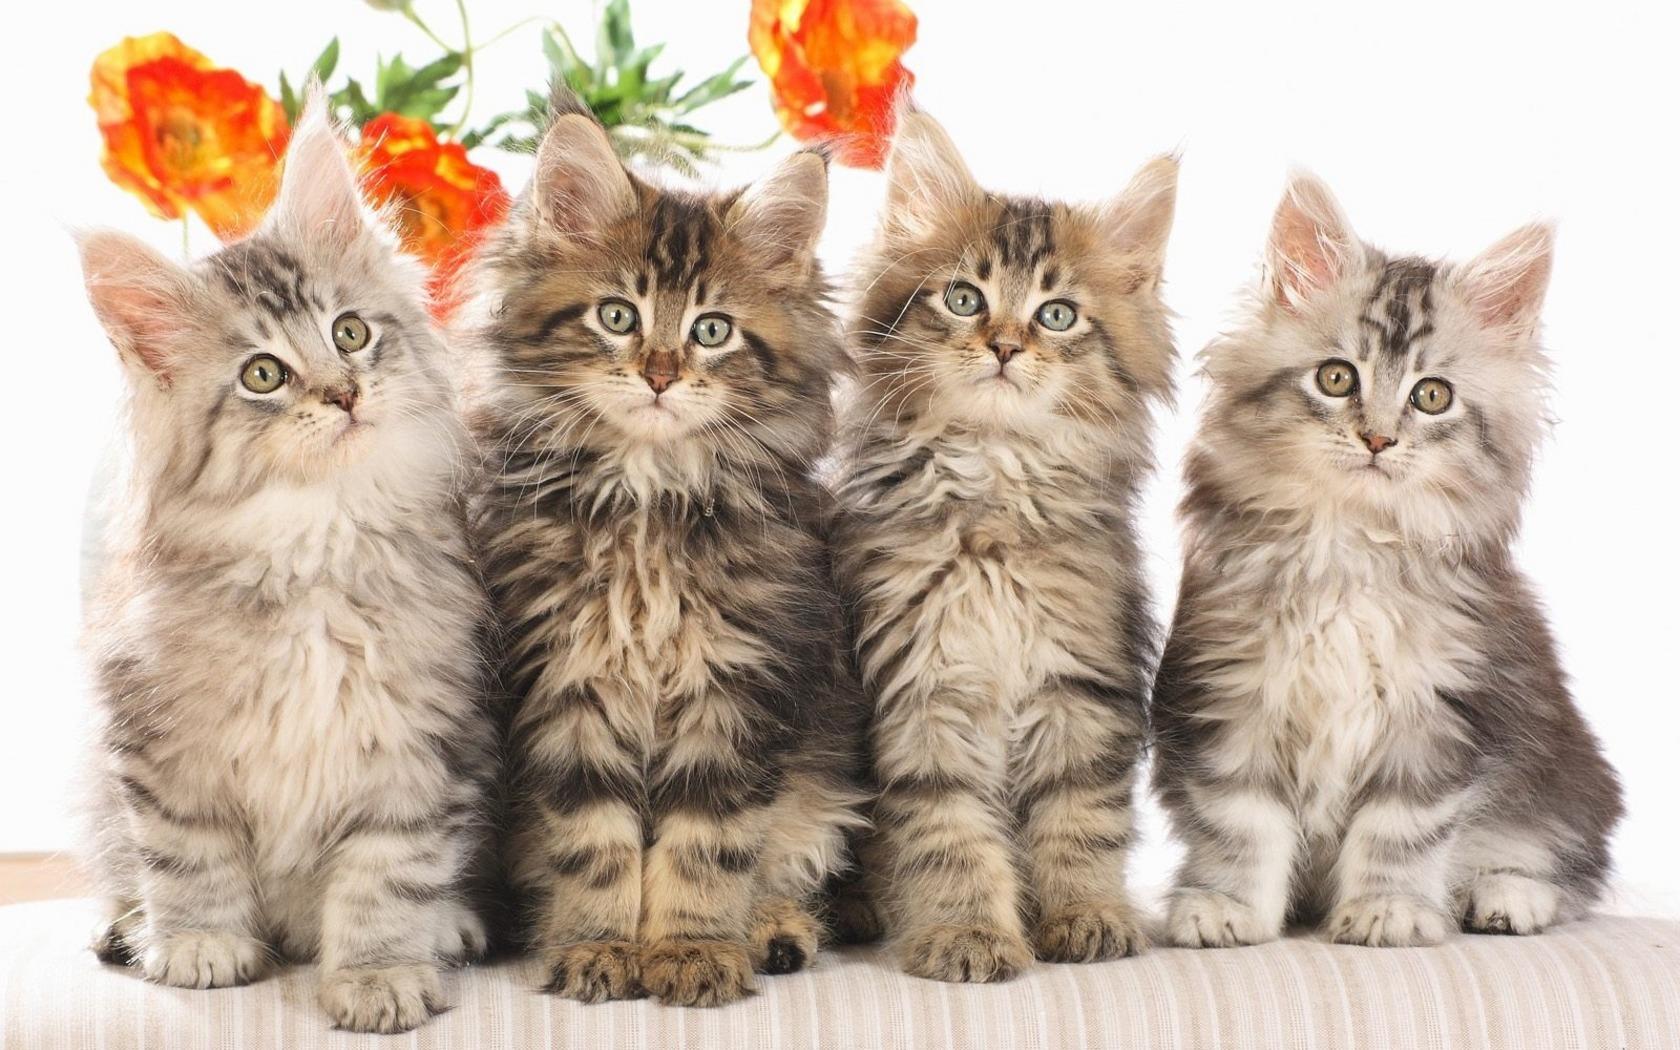 Кошки 1680 x 1050